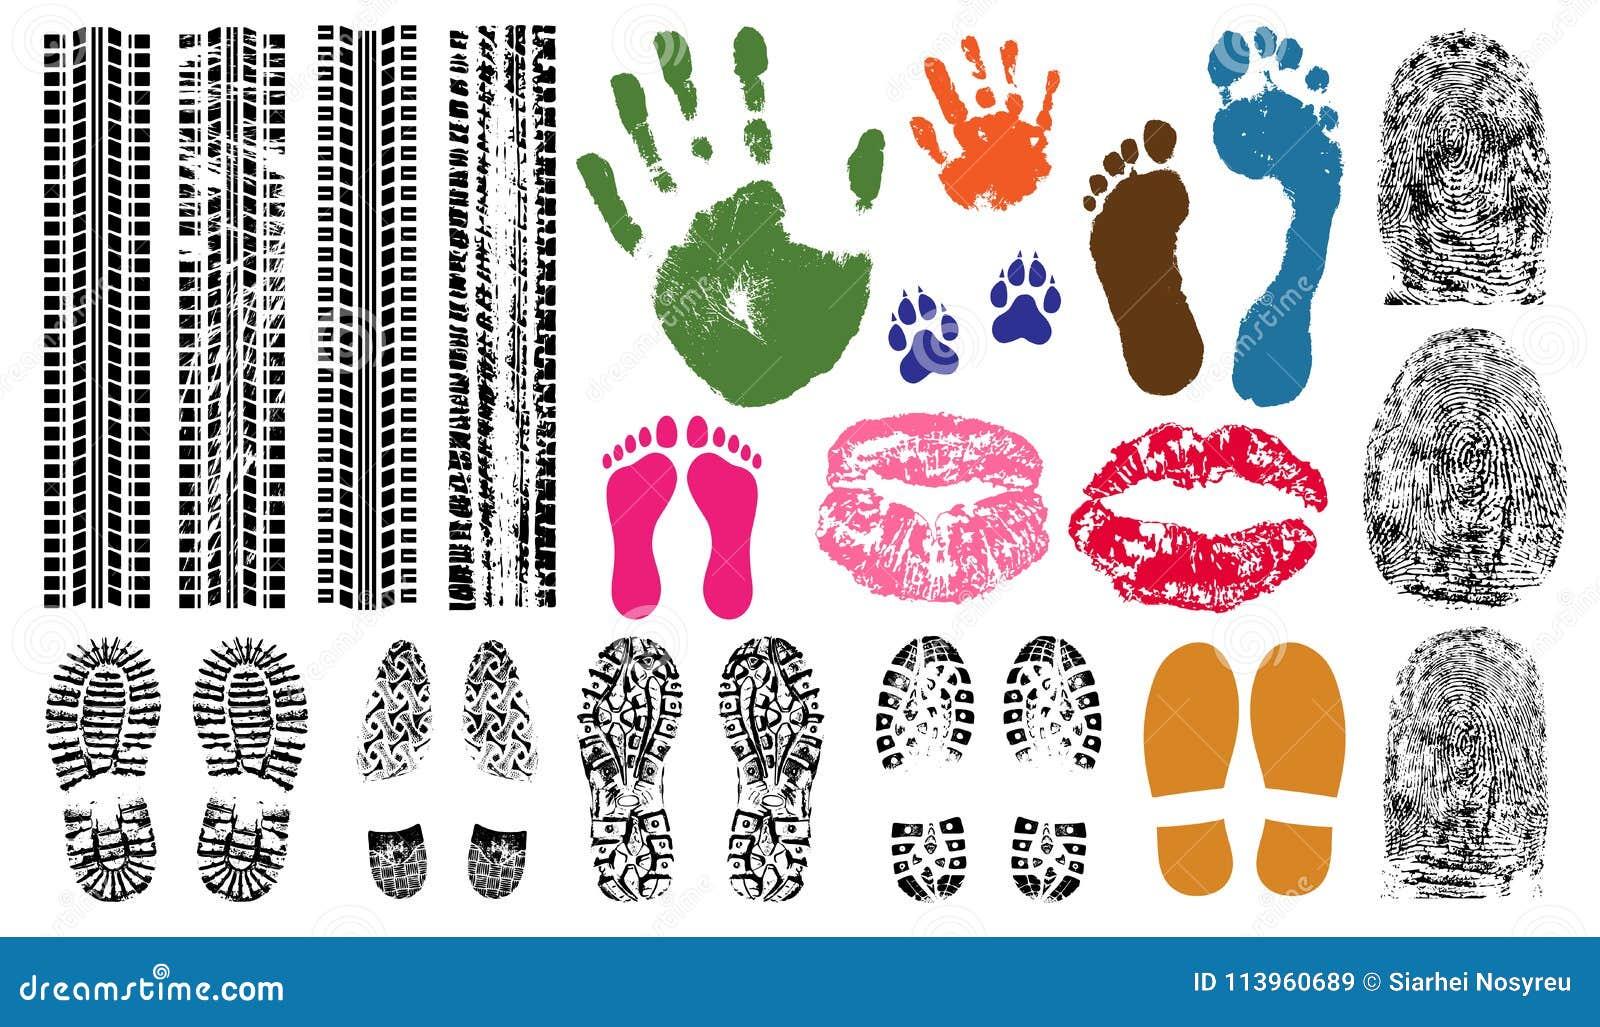 Handprint, Abdruck, Fingerabdruck, Druck der Lippen, Reifenbahnen Gesetzter Sammlungsbeweis des Impressums